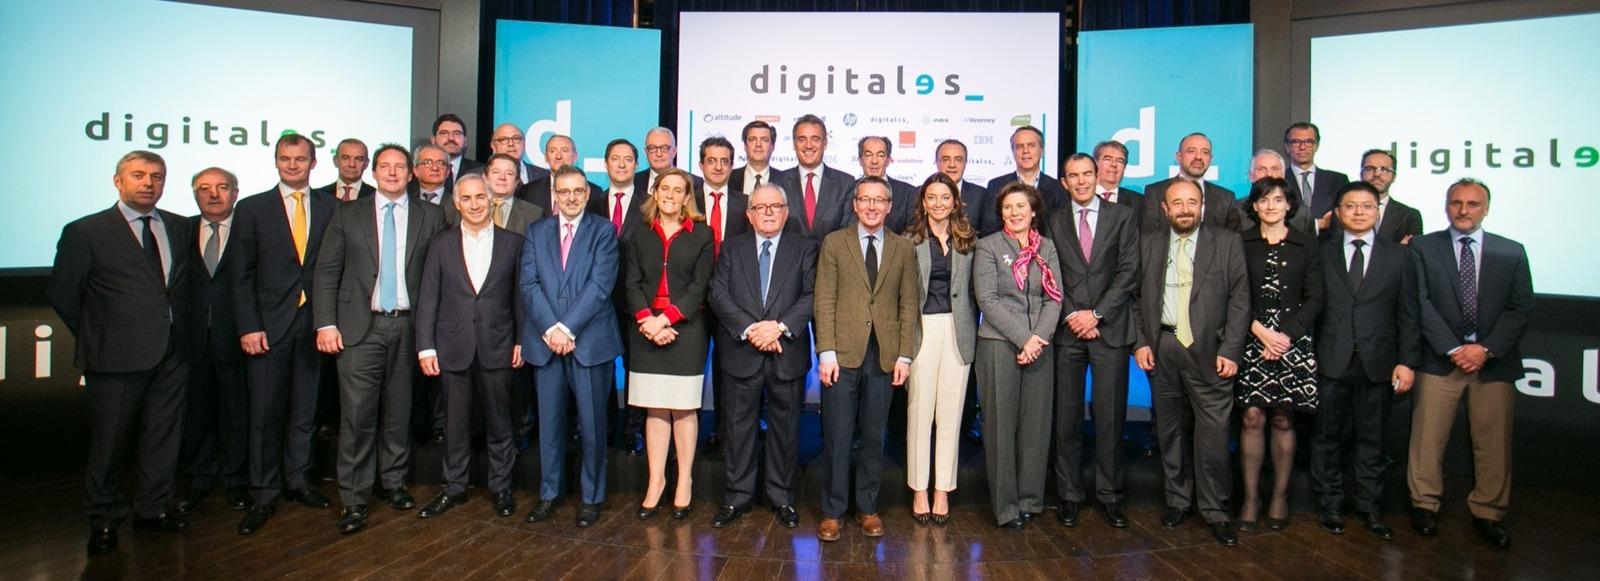 Más de 200  expertos en digitales para cambiar el mañana